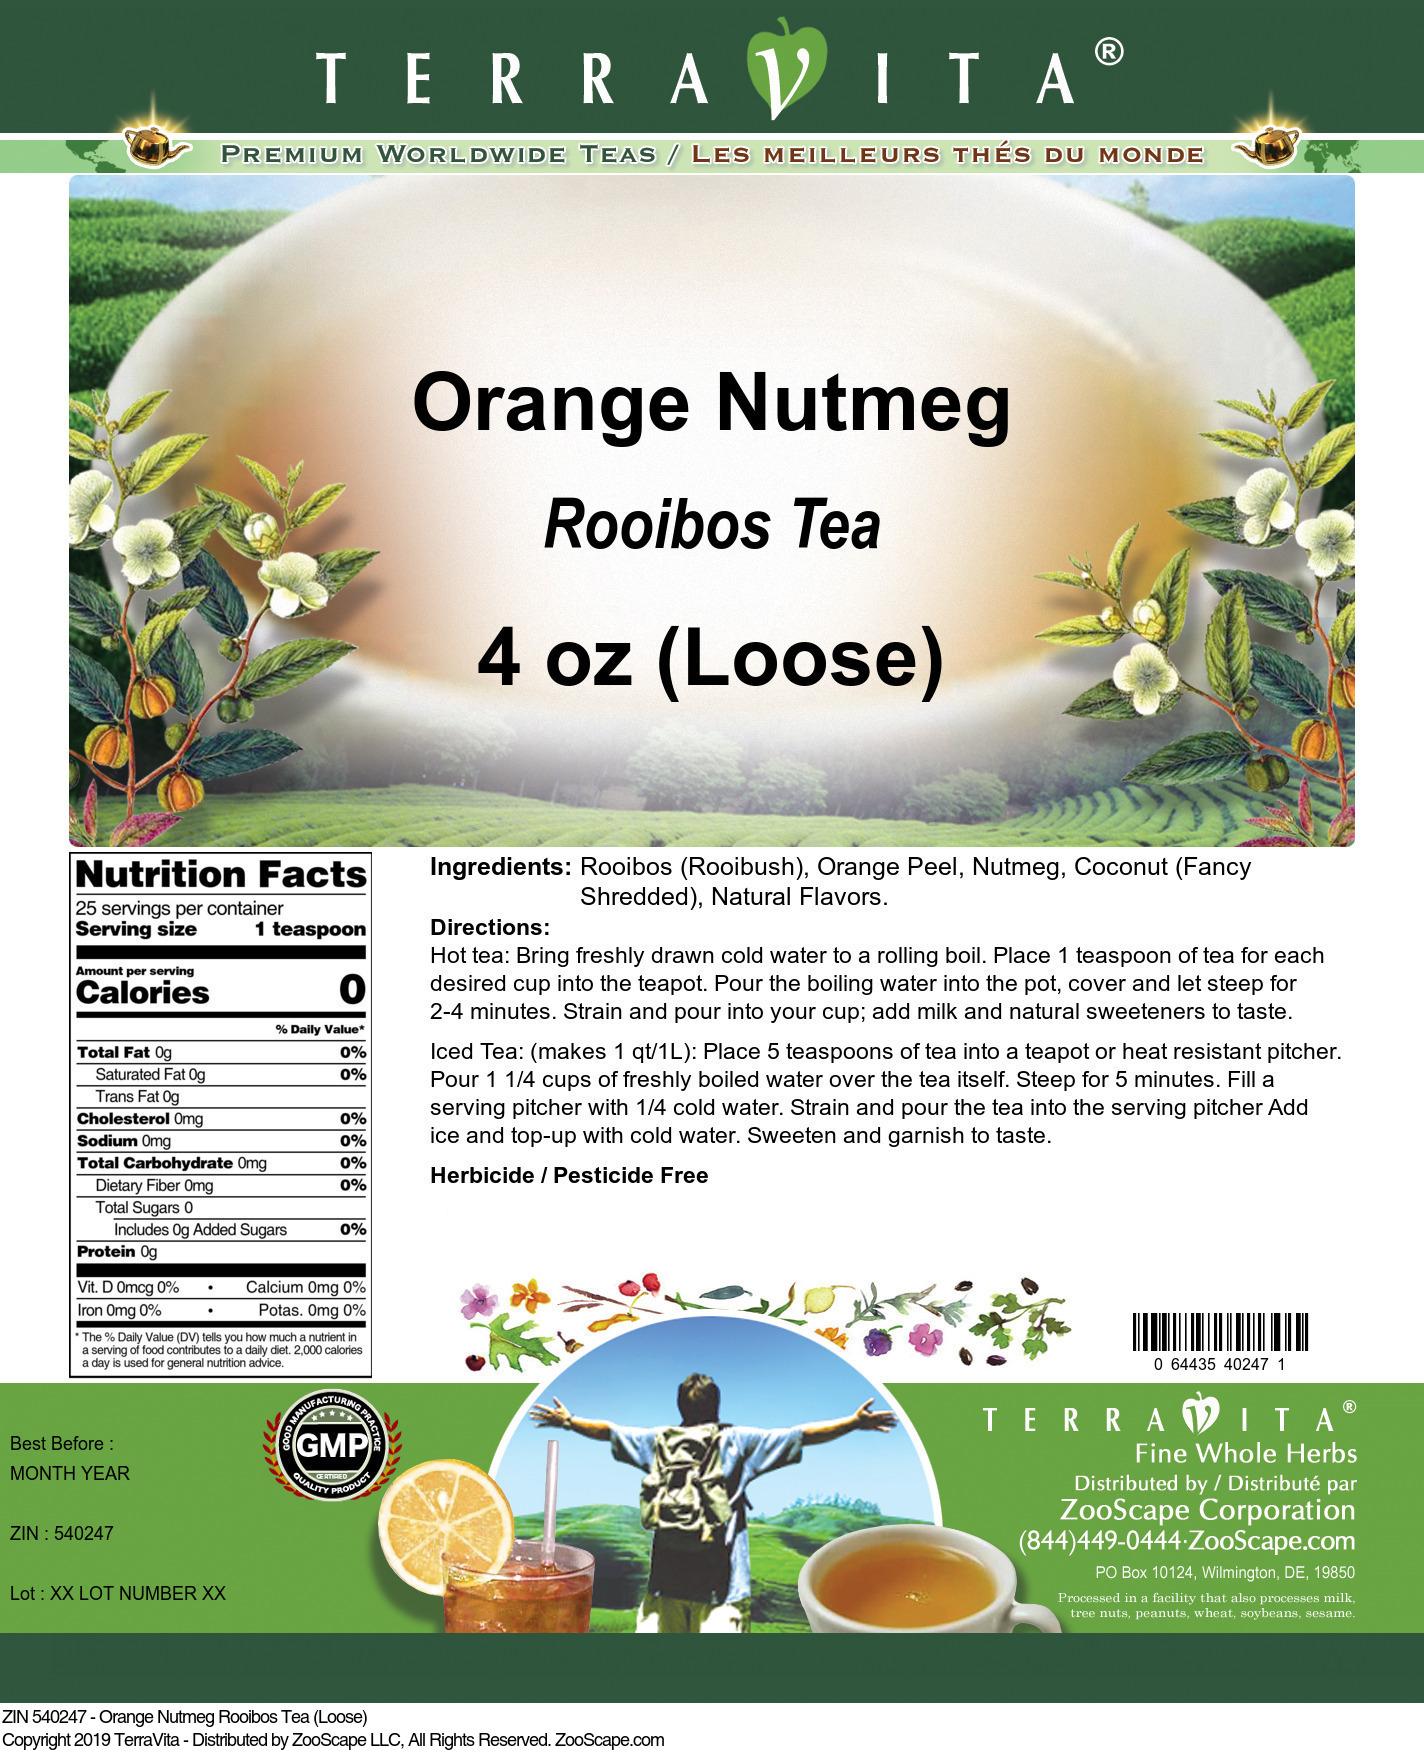 Orange Nutmeg Rooibos Tea (Loose)